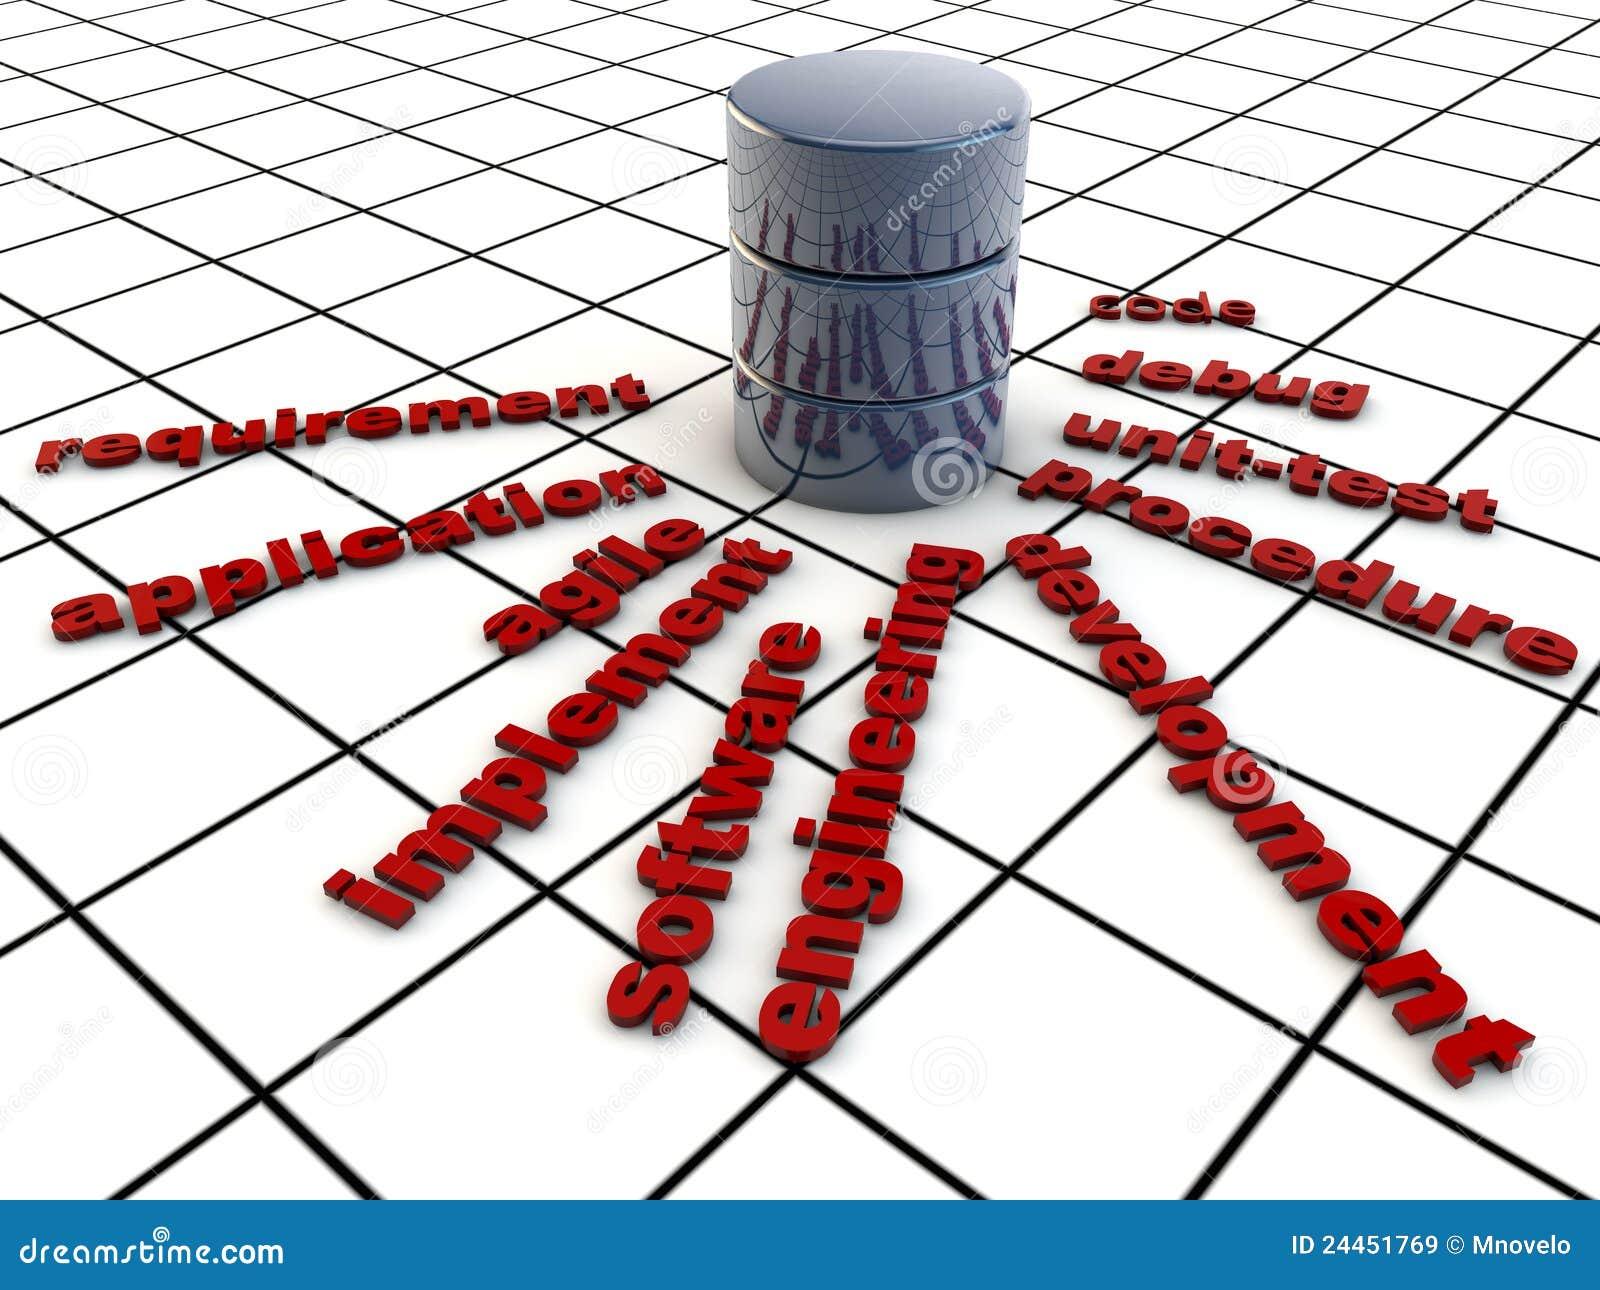 Ontwikkeling van de software stock illustratie afbeelding 24451769 - Ontwikkeling m ...